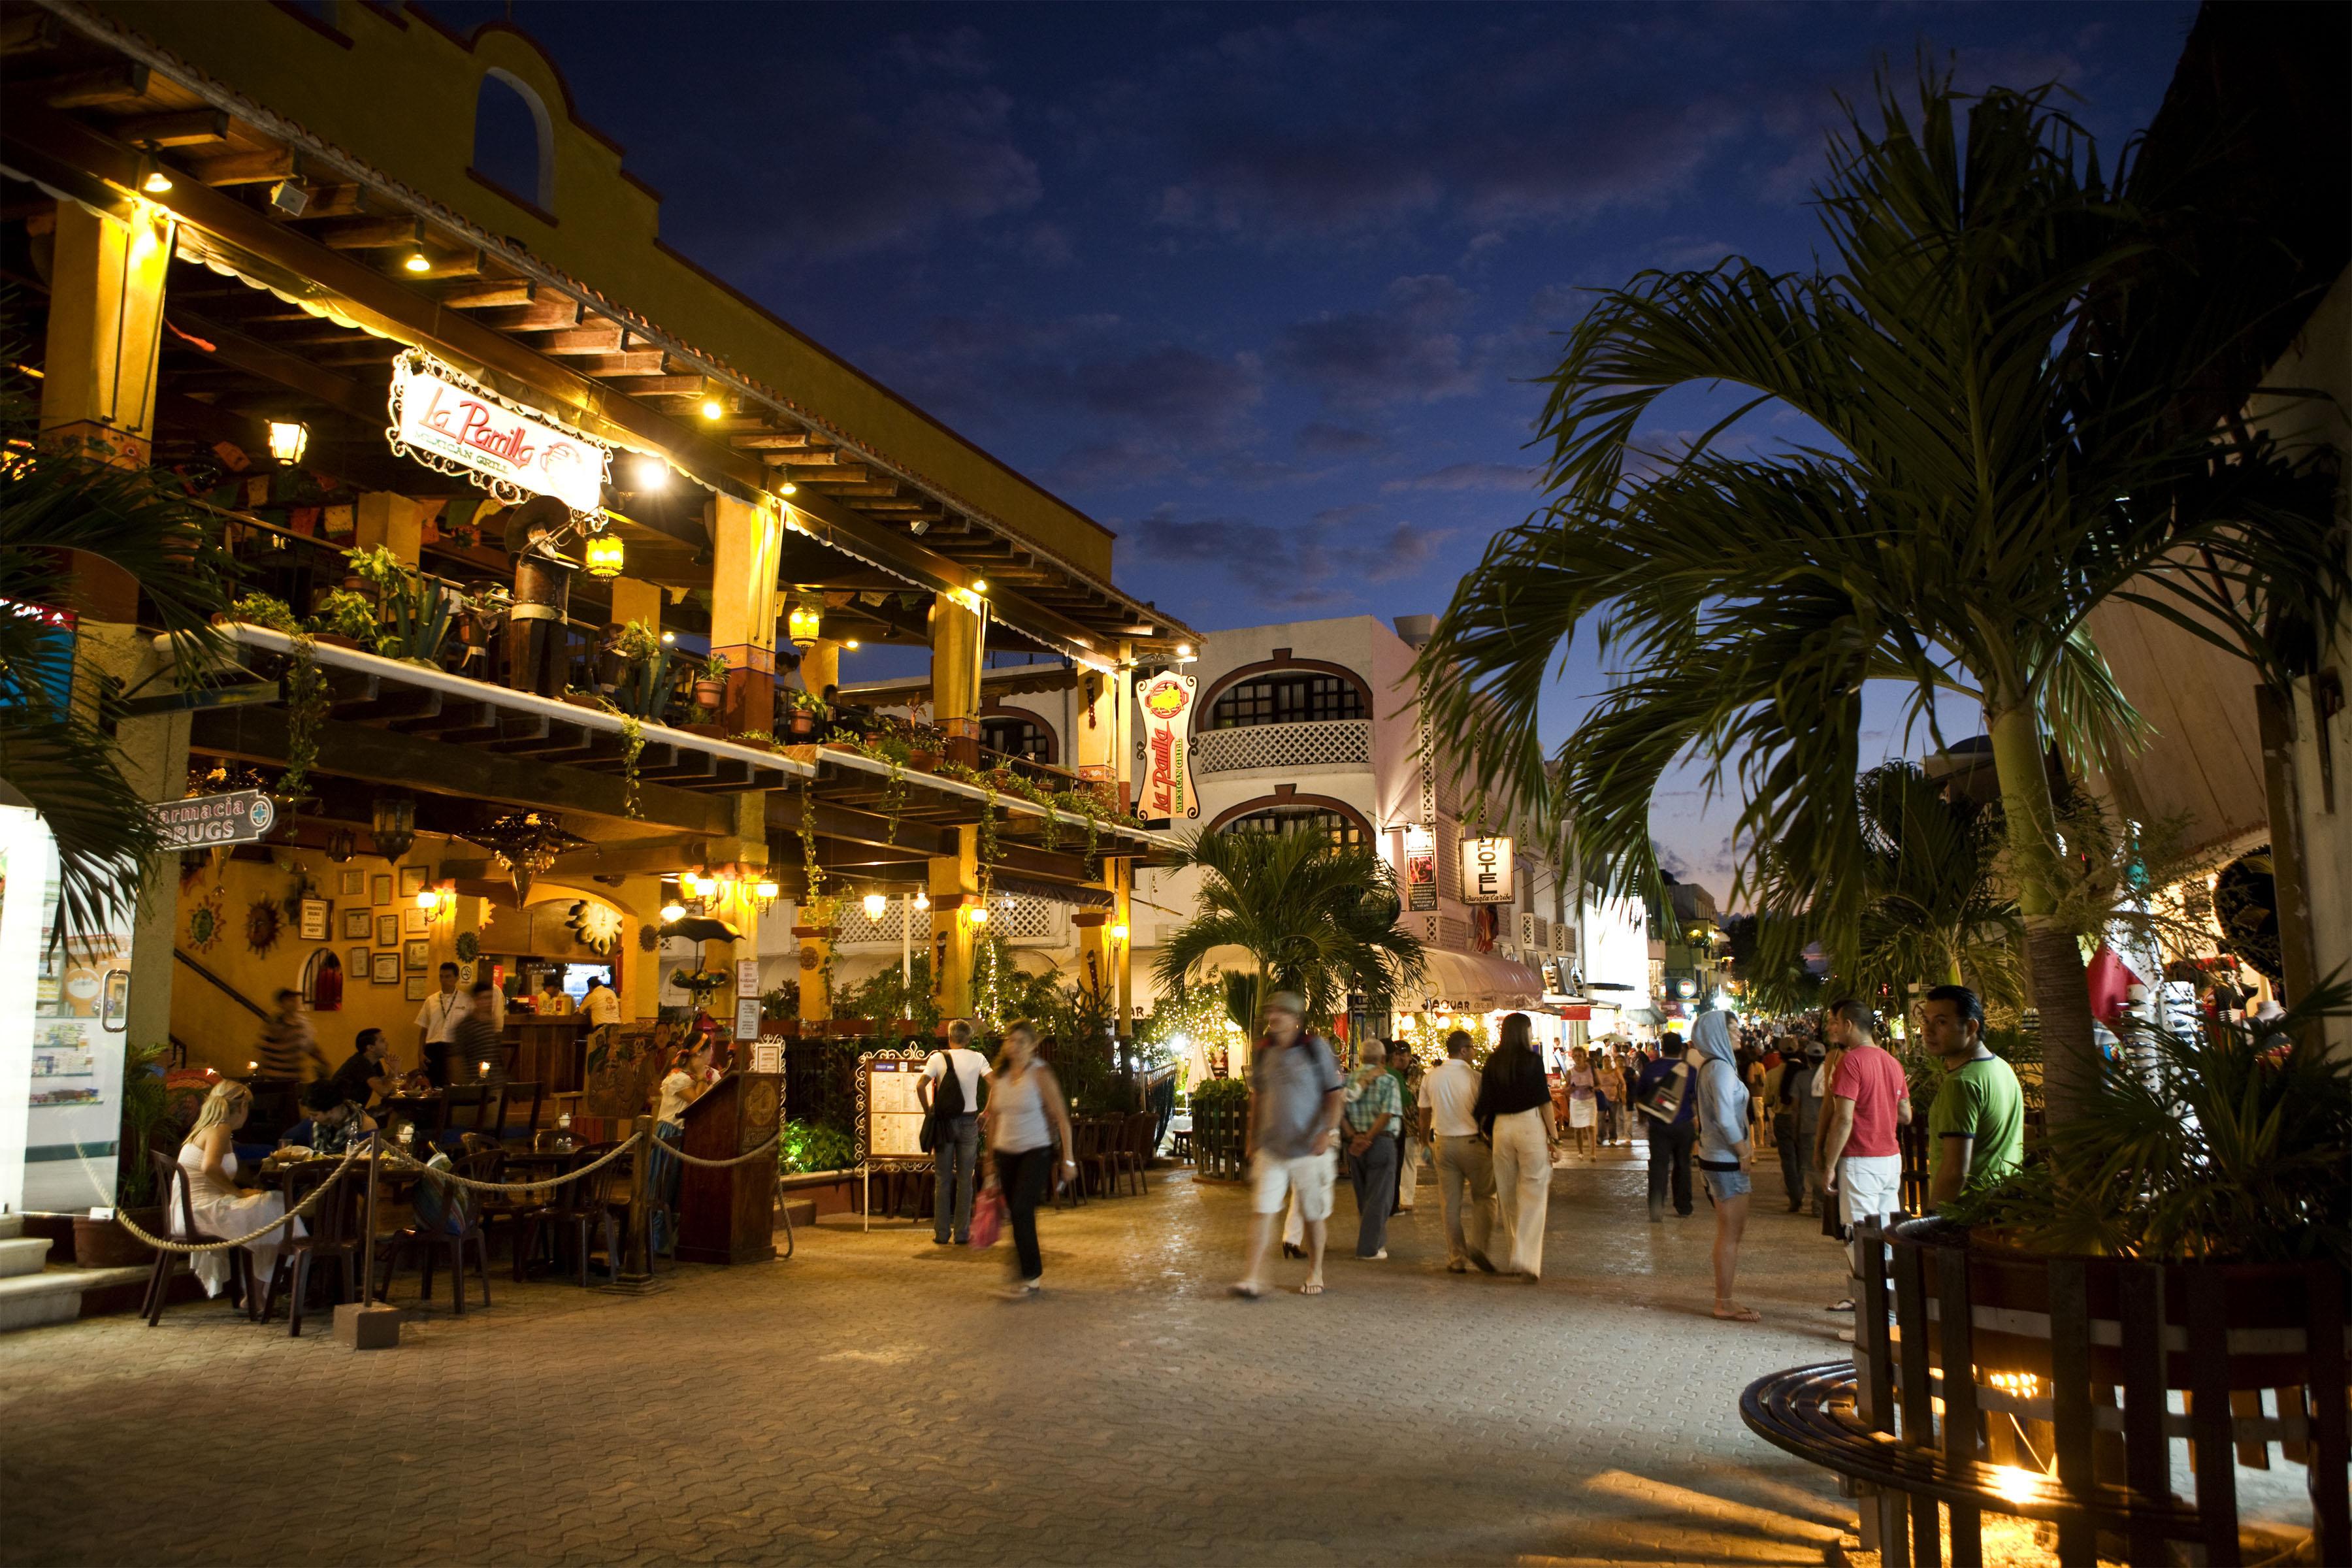 En el corazón de Playa del Carmen está quinta avenida, el lugar ideal para llevarte un recuerdo.